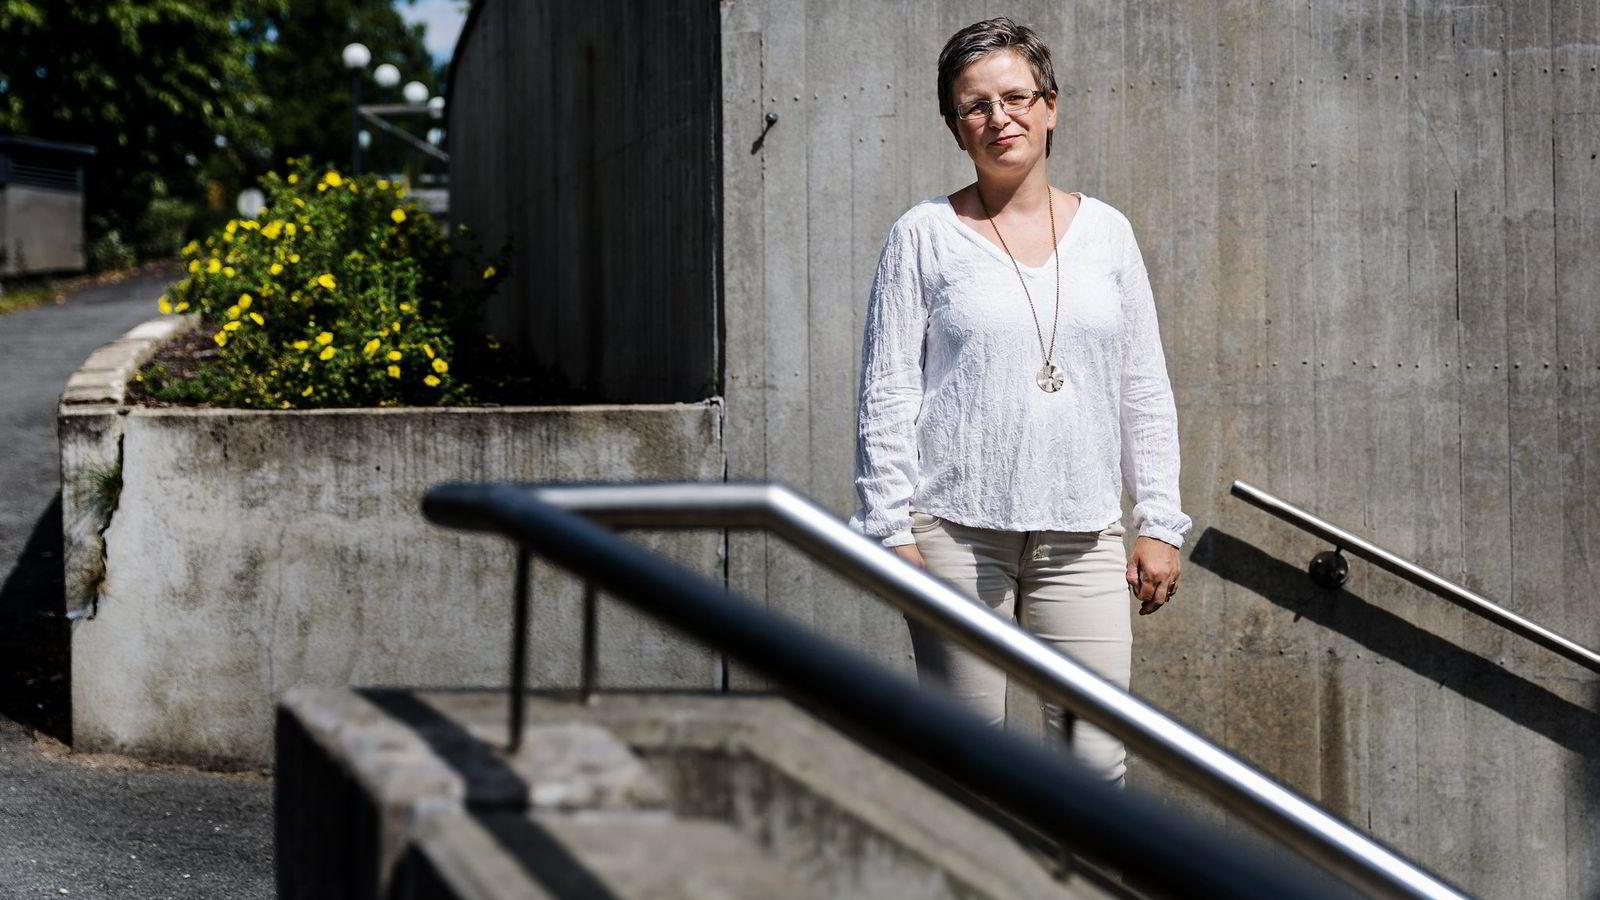 IKKE LOV: Professor Beate Sjåfjell ved UiO er ekspert på selskapsrett. Hun mener tildeling av leteområder til oljeselskaper i dette havområdet vil være grunnlovsstridig. FOTO: Per Thrana